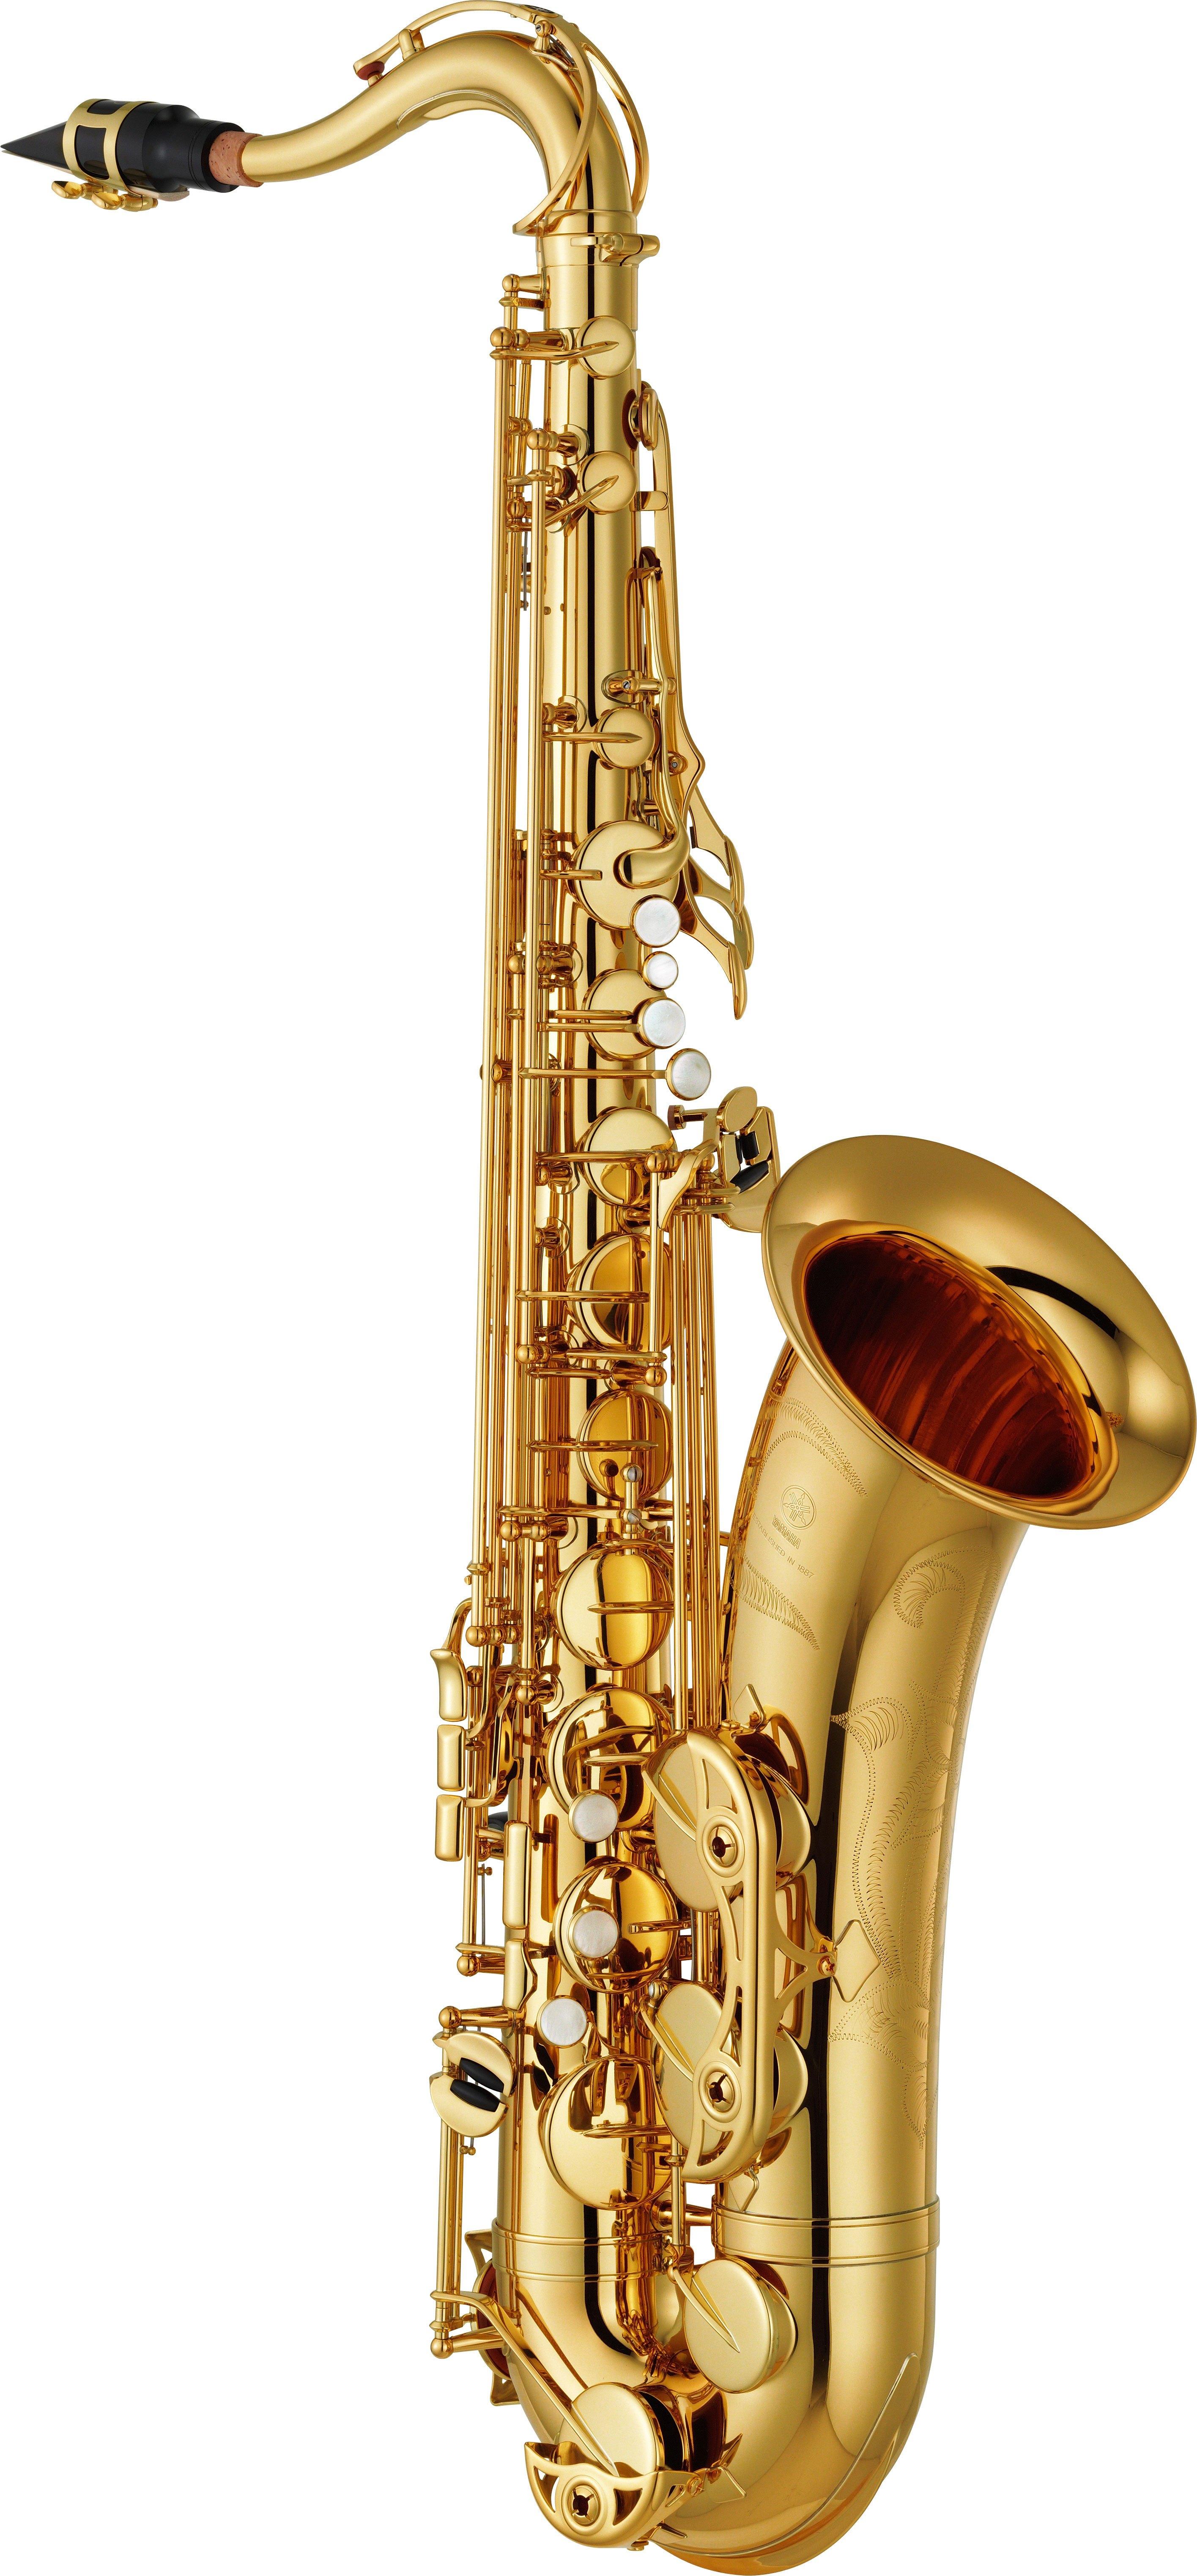 Yamaha - YTS - 480 - Holzblasinstrumente - Saxophone | MUSIK BERTRAM Deutschland Freiburg